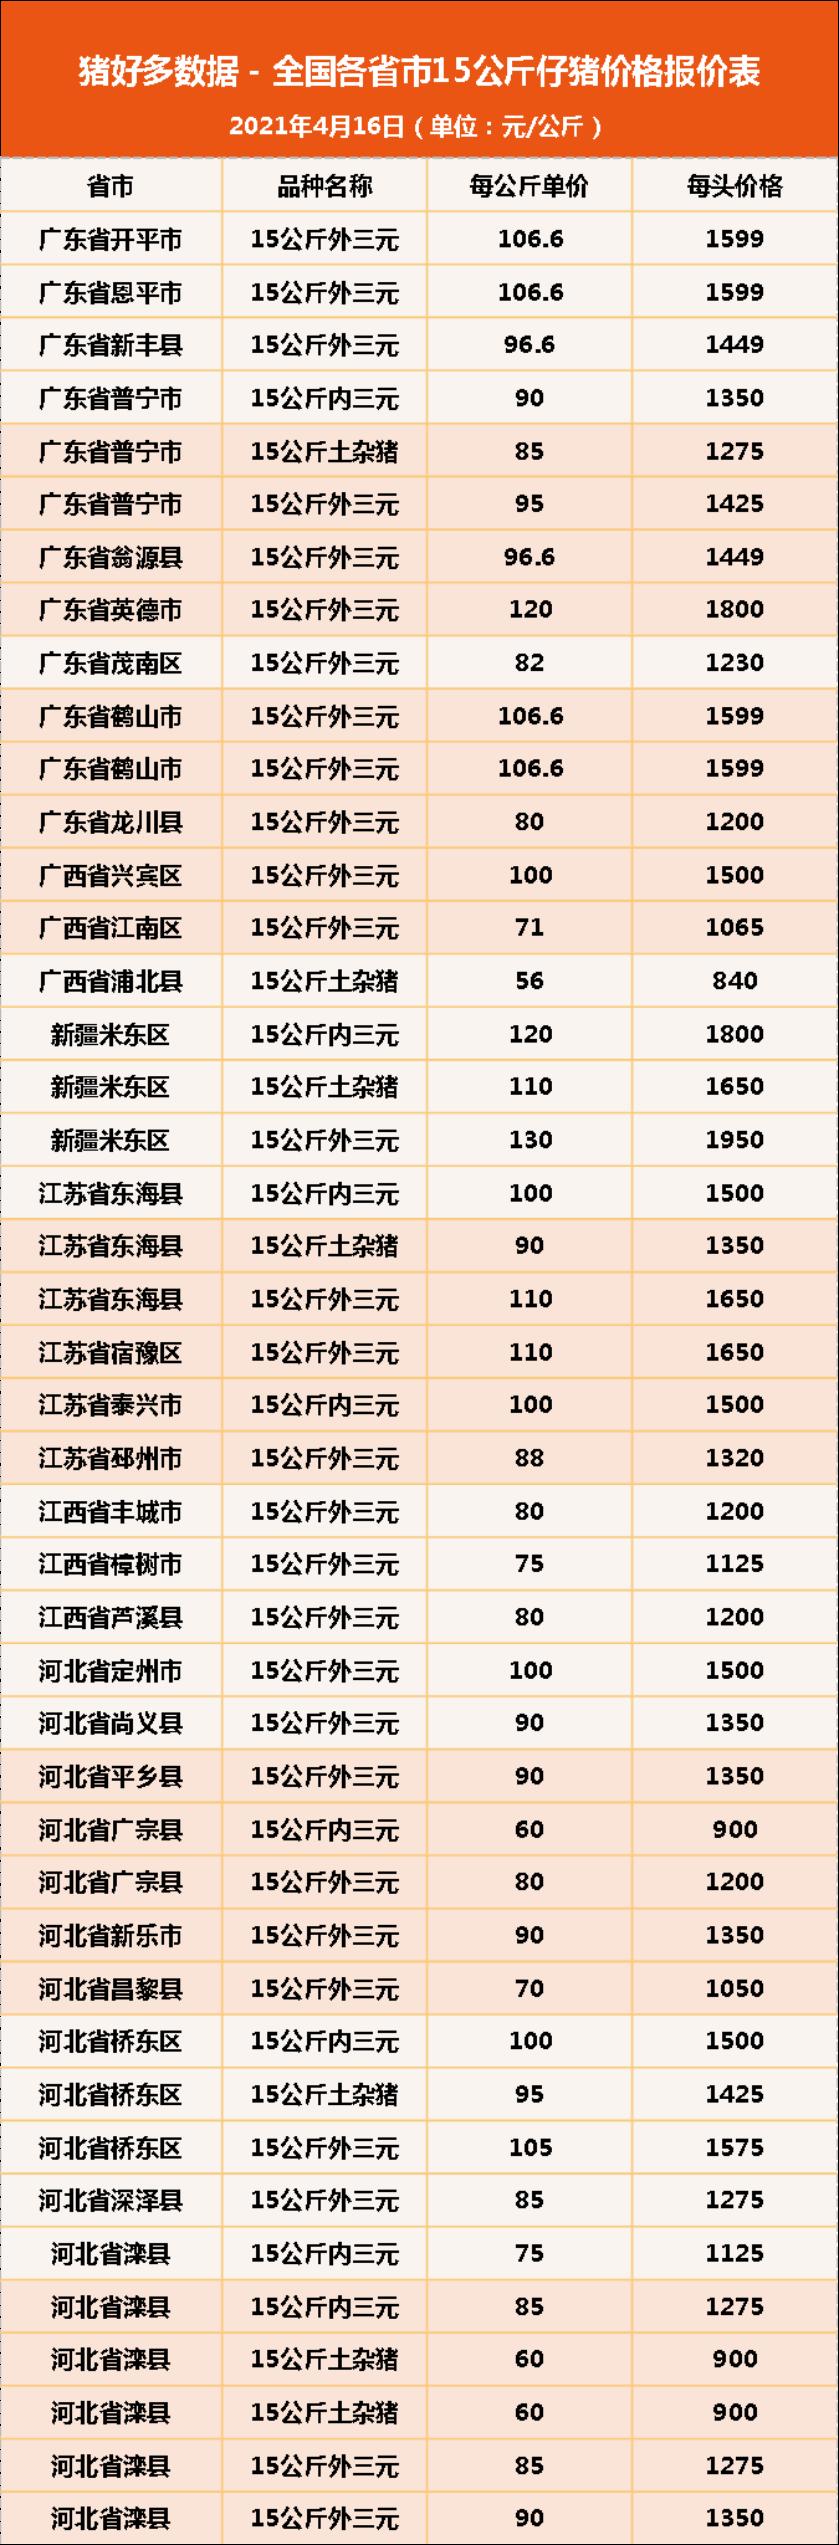 """16日15公斤仔猪价格:猪价连涨5天,暴跌的仔猪行情被""""唤醒""""?"""